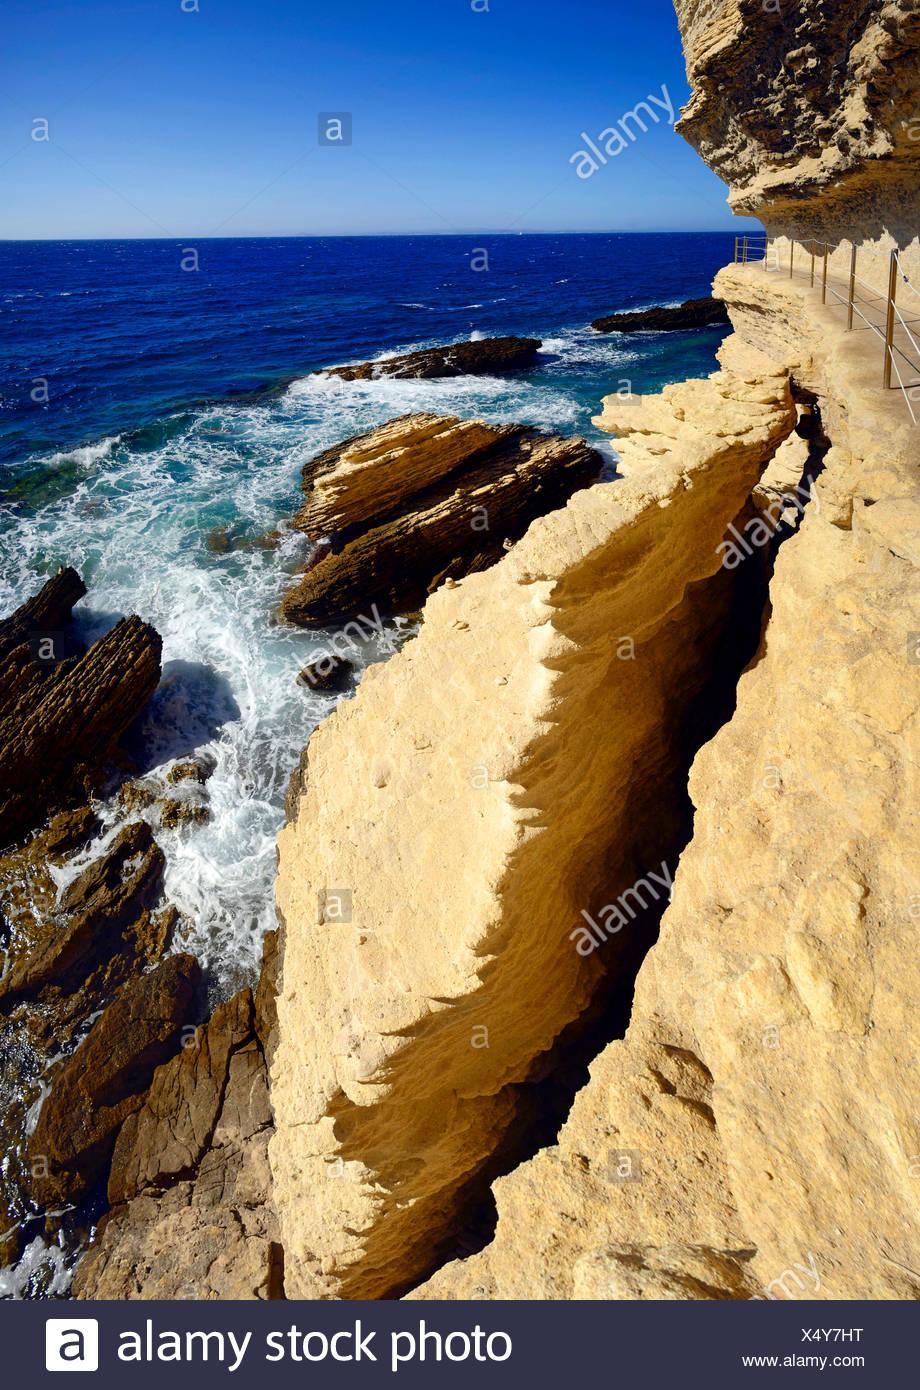 """Sentier à la côte escarpée, les dessous de """"escalier du roi d'Aragon"""", France, Corse, Bonifacio Photo Stock"""